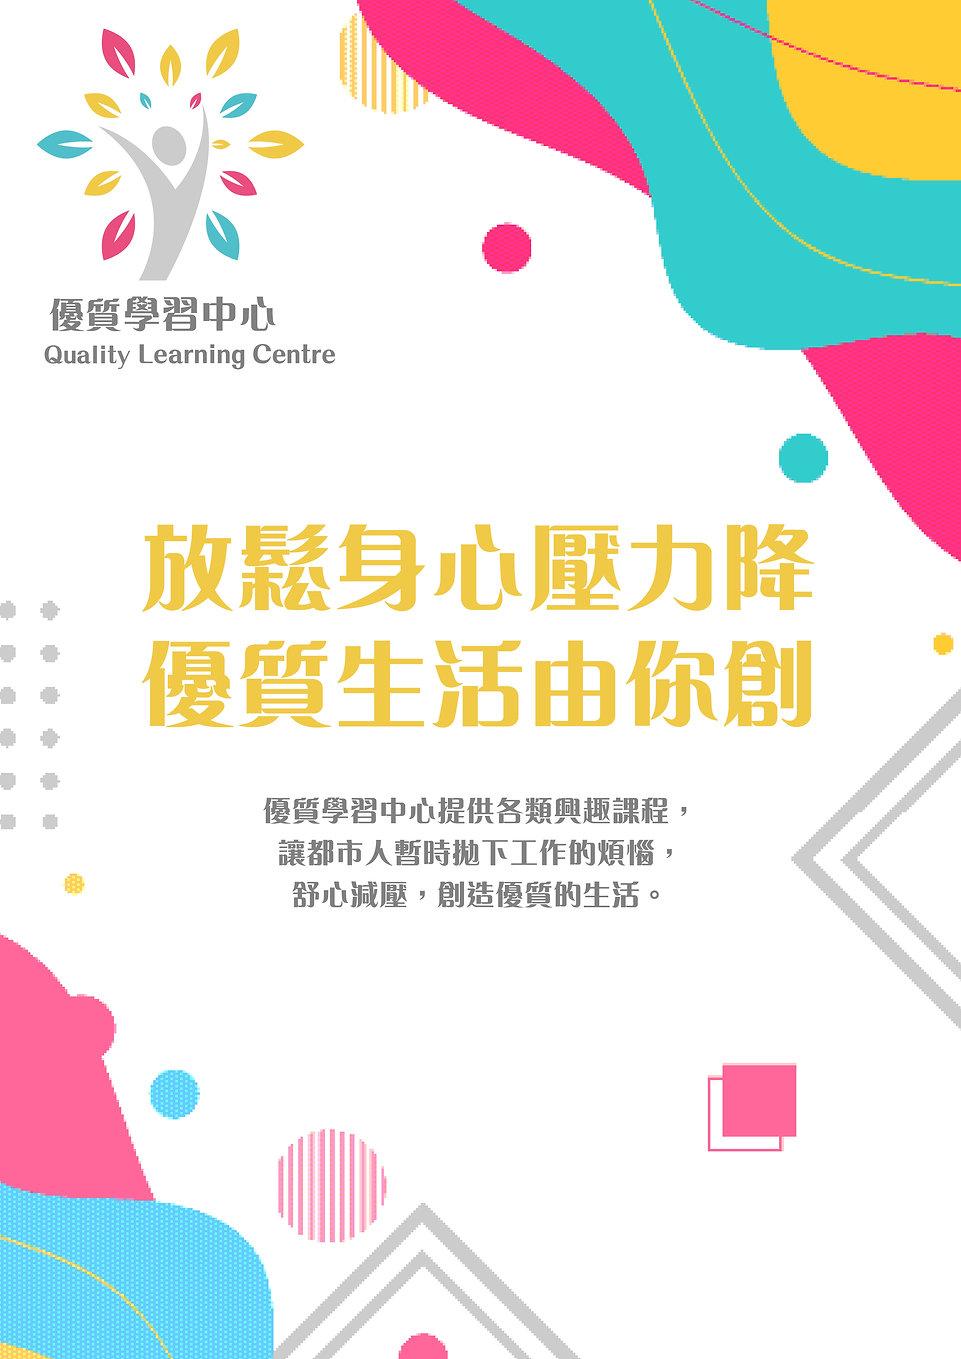 優質學習中心2.jpg